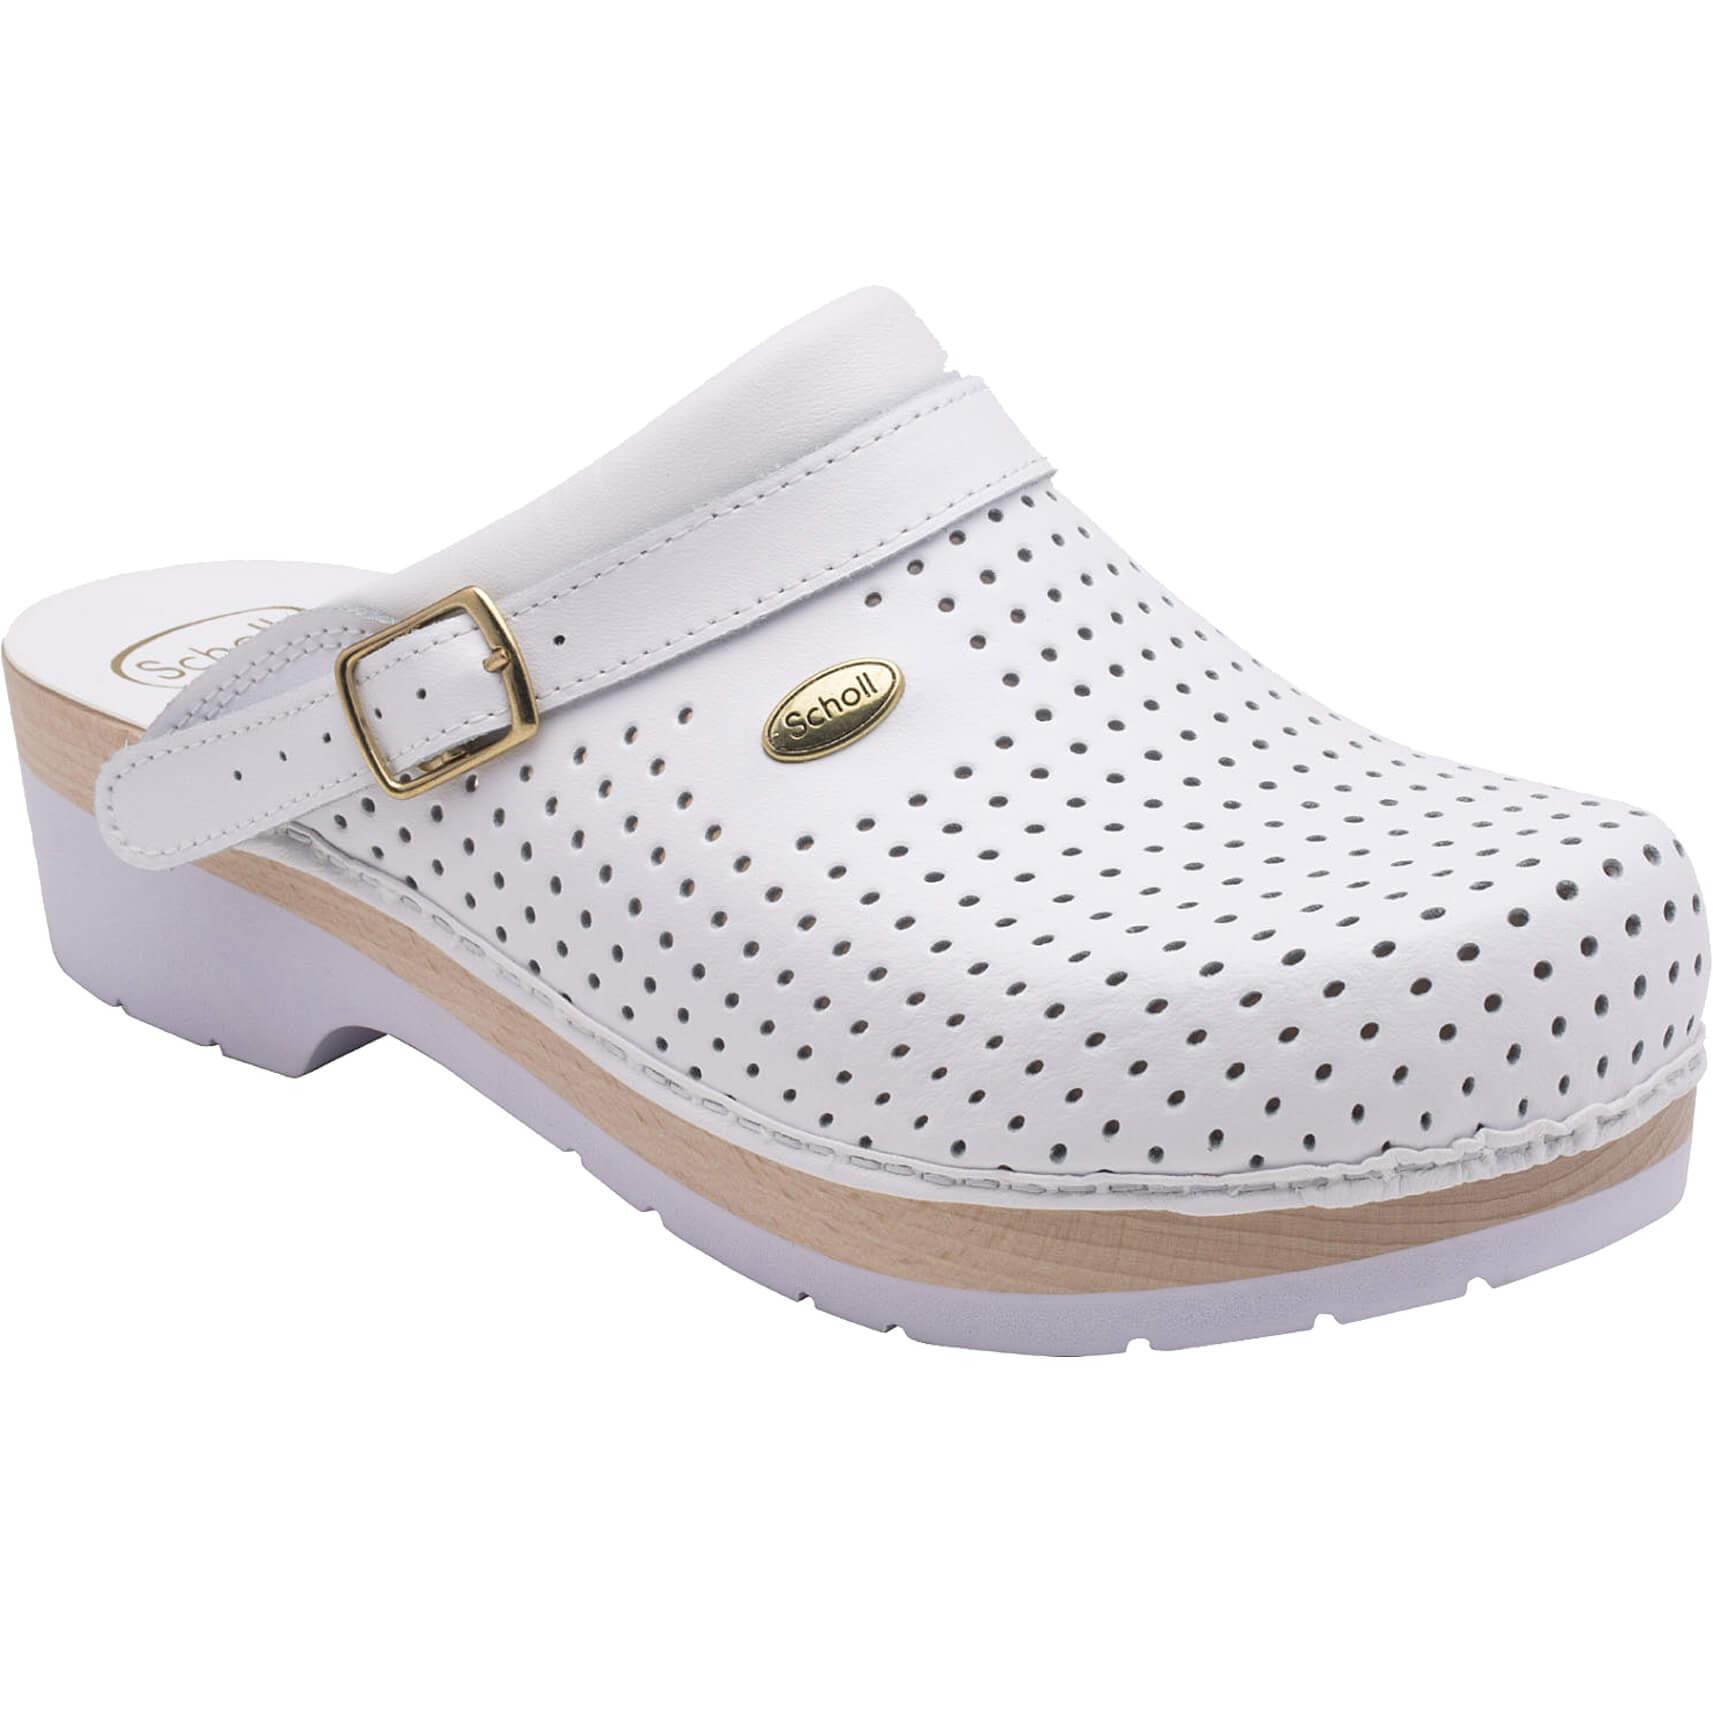 8359206fd86 Dr Scholl Shoes Σαμπό Λευκό Επαγγελματικά Υπερ Αναπαυτικά Παπούτσια,  Χαρίζουν Σωστή Στάση & Φυσικό Χωρίς